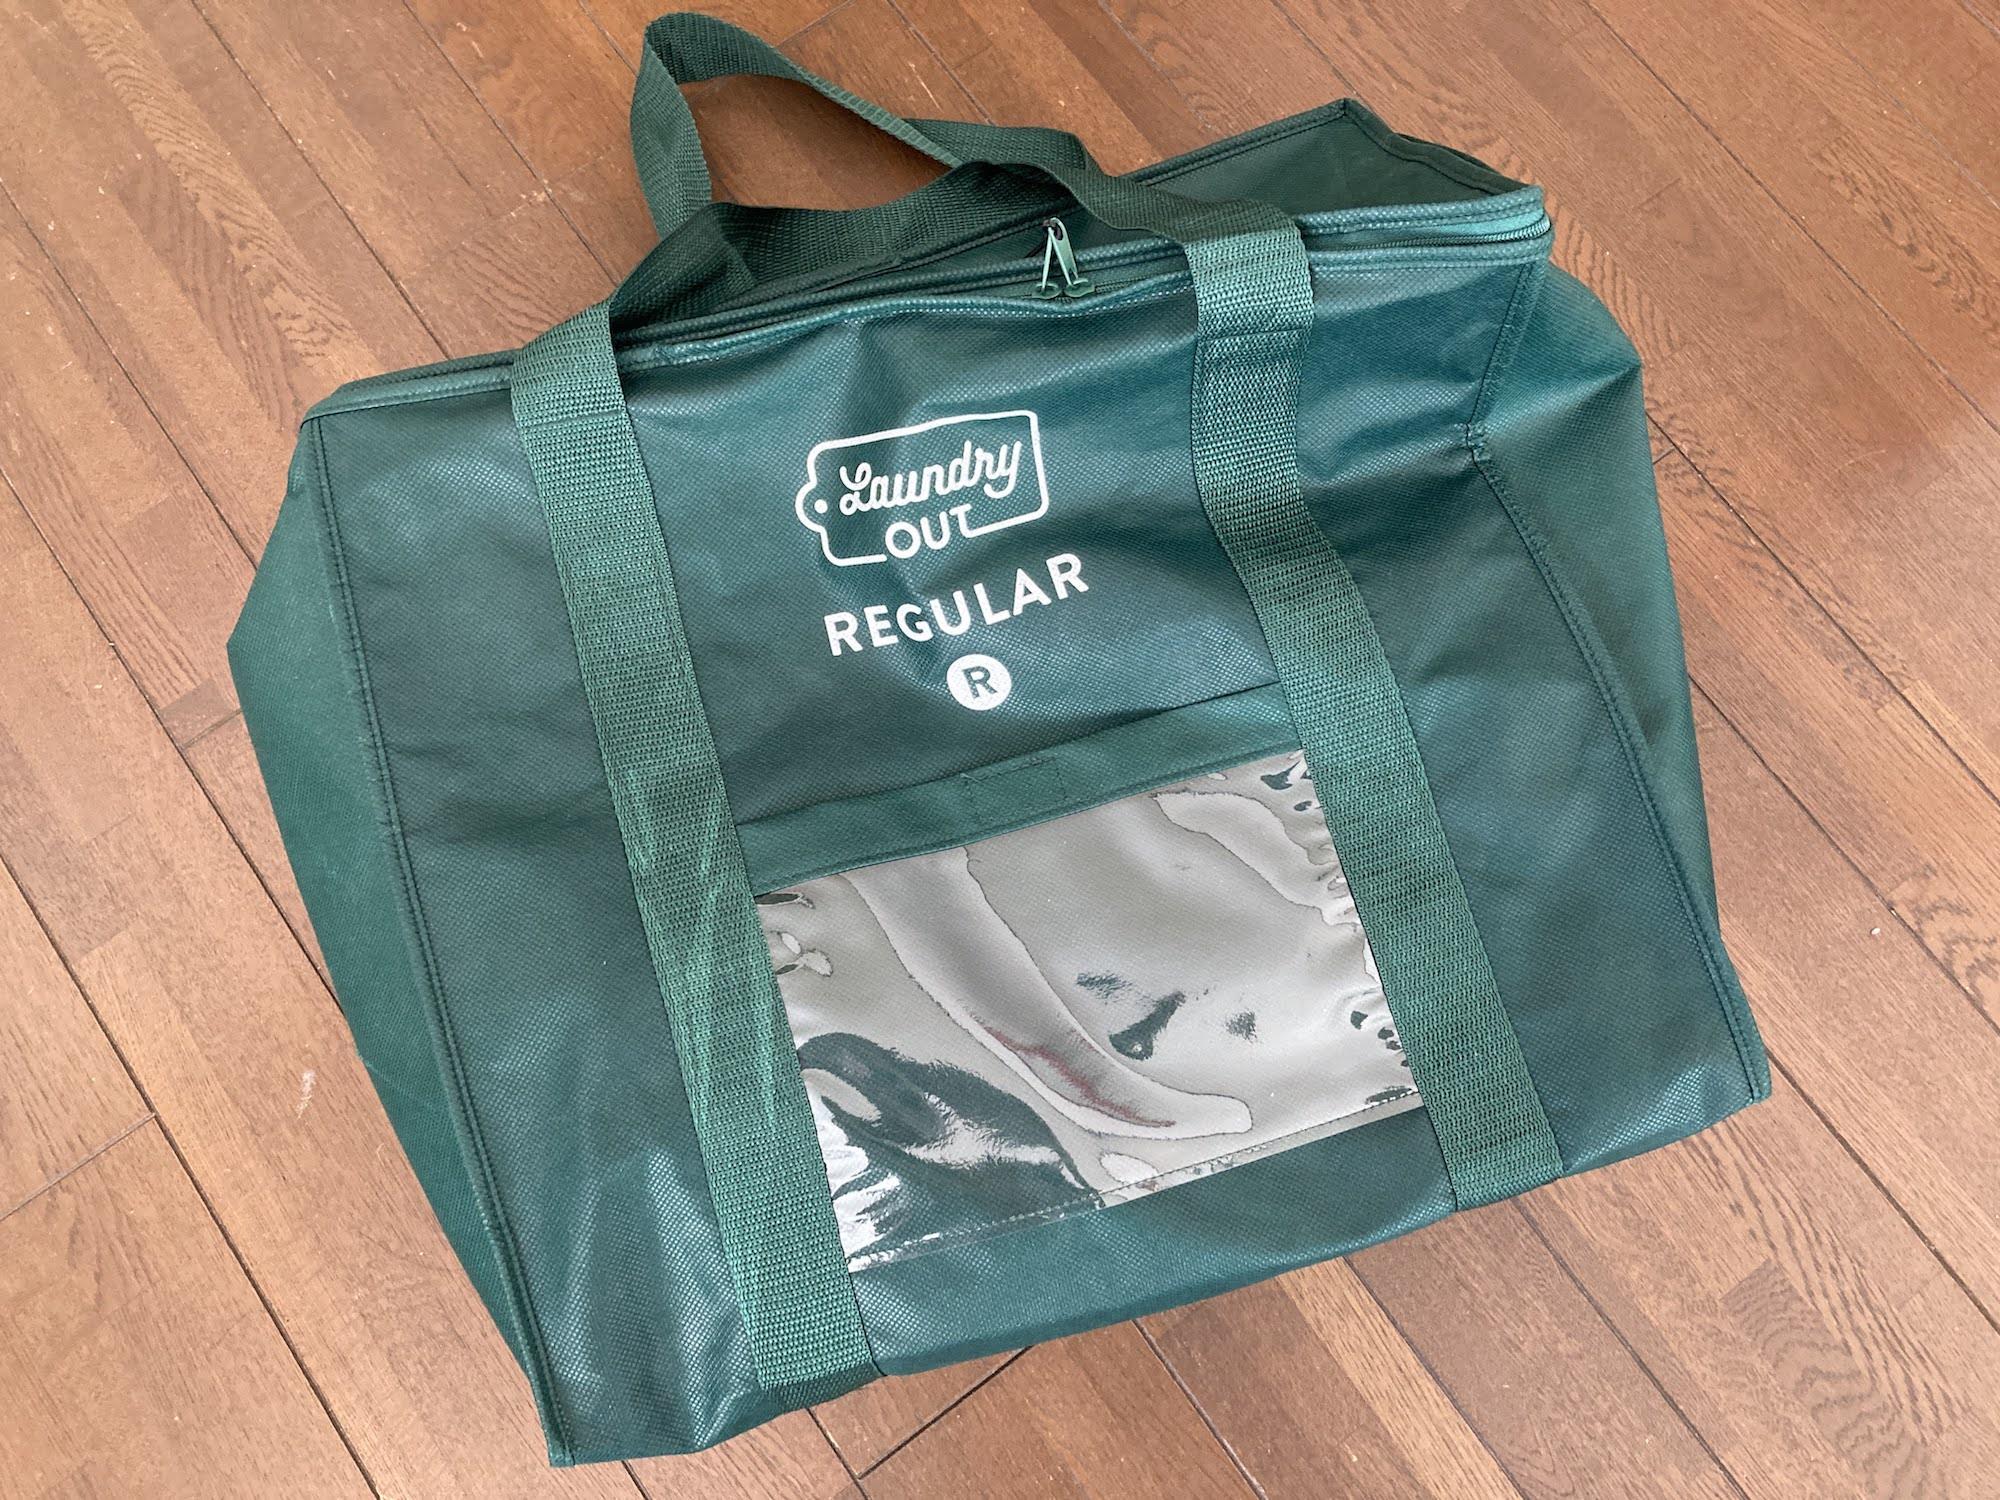 洗濯代行サービス『Laundry OUT』のランドリーバッグ。この袋に洗濯物をつめ放題なので、宅配クリーニングよりお得に利用できます。